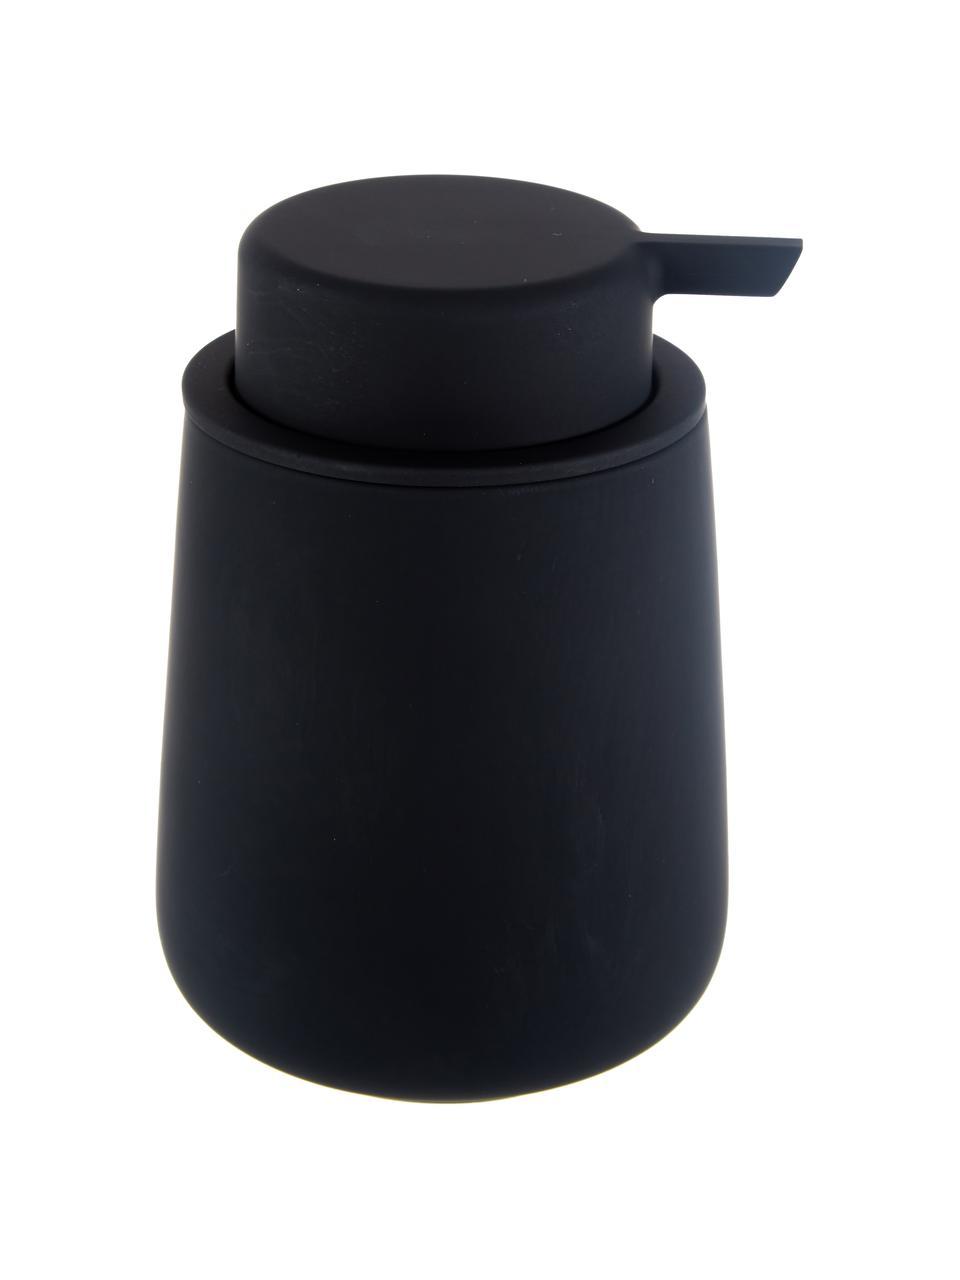 Porzellan-Seifenspender Nova One, Behälter: Porzellan, Schwarz, matt, Ø 8 x H 12 cm